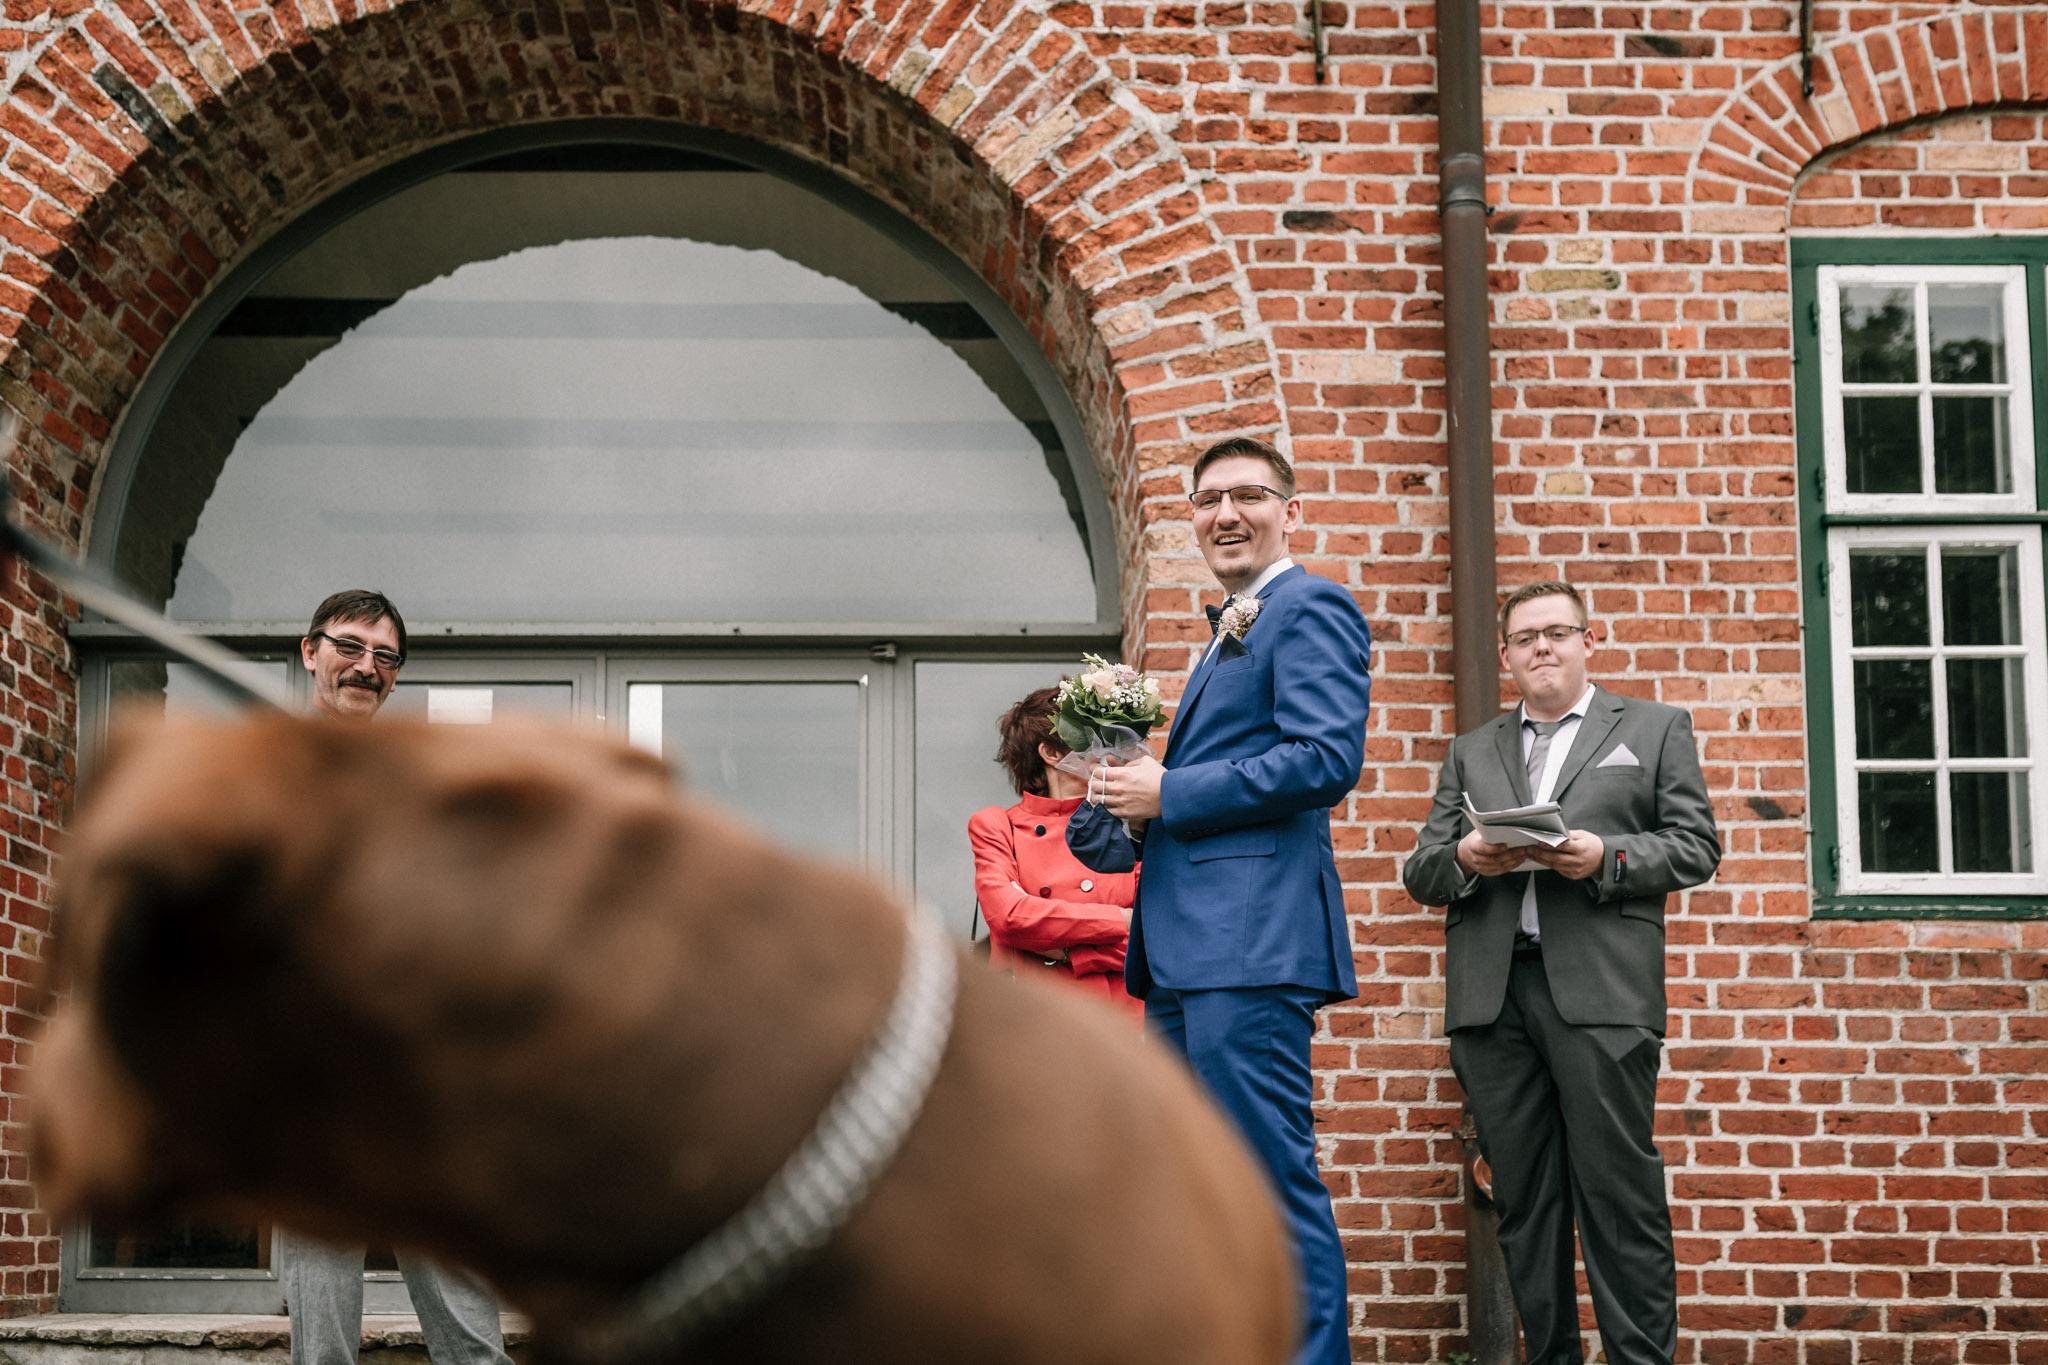 Hochzeitsfieber by Photo-Schomburg, Sven Schomburg Hochzeitsfotografie, Hochzeitsfotograf, Bad Bramstedt, Hamburg, Schleswig-Hostein-5